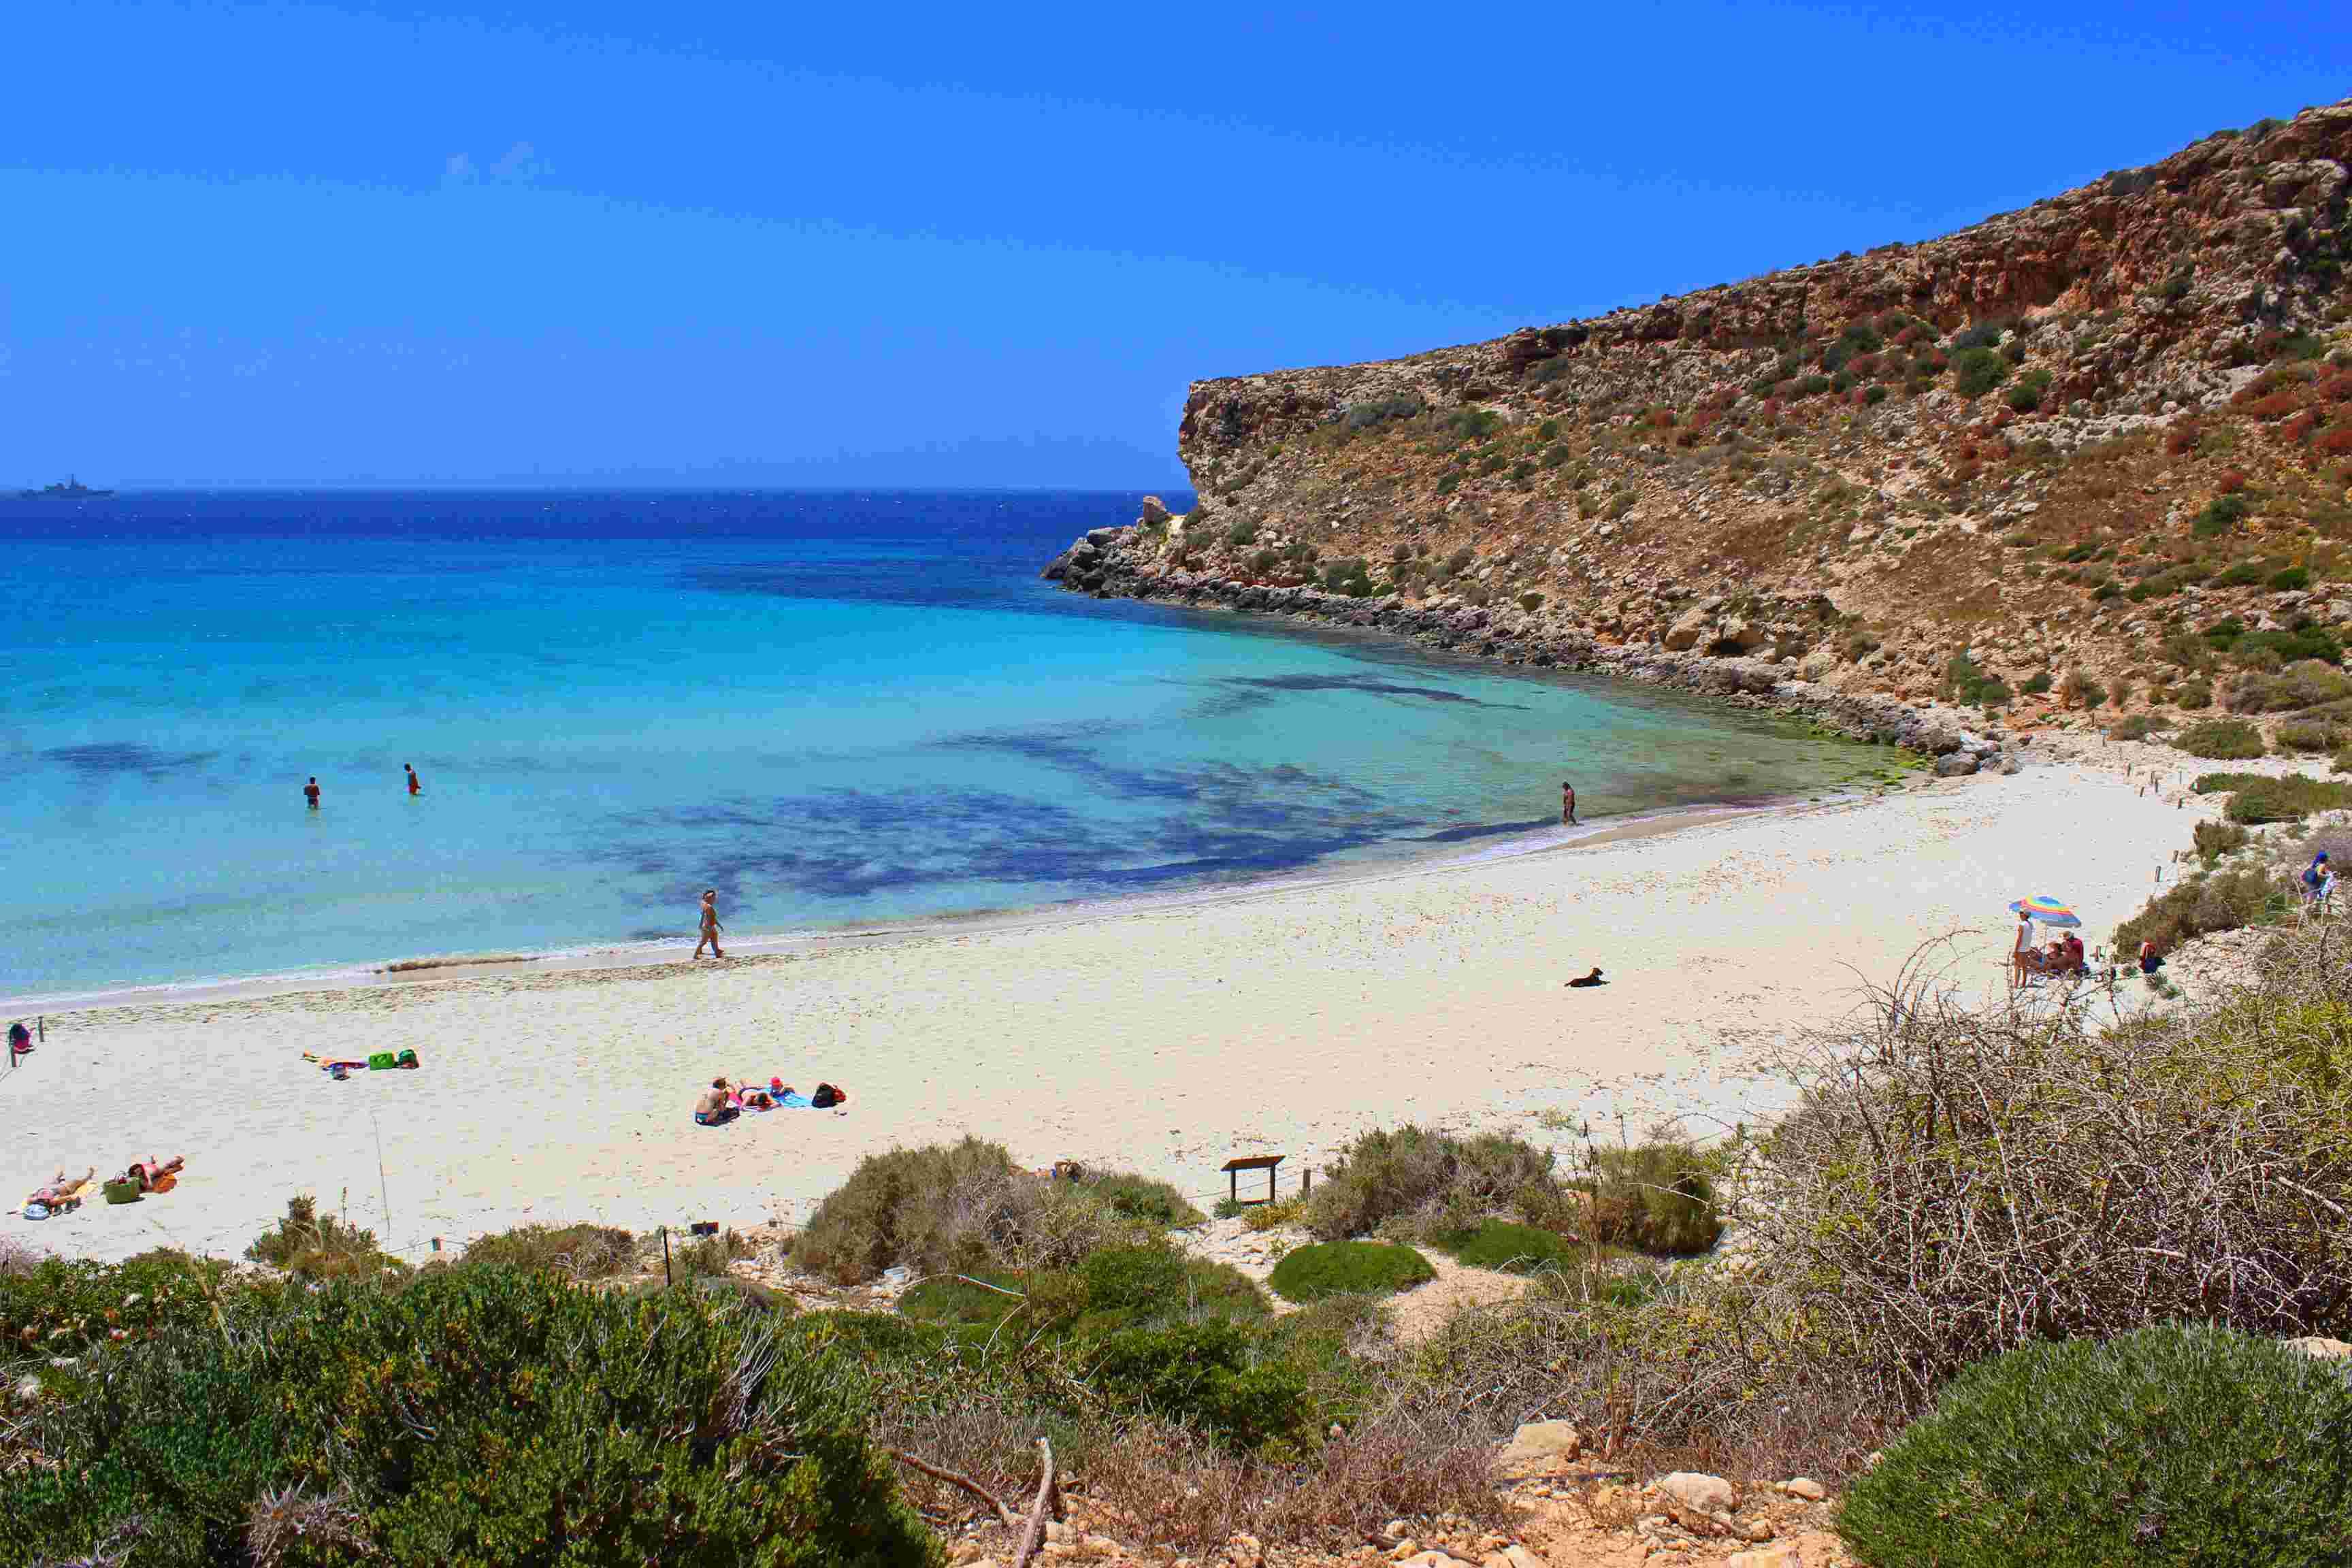 Spiaggia dei conigli lampedusa sicilia trovaspiagge for Setacciavano la sabbia dei fiumi